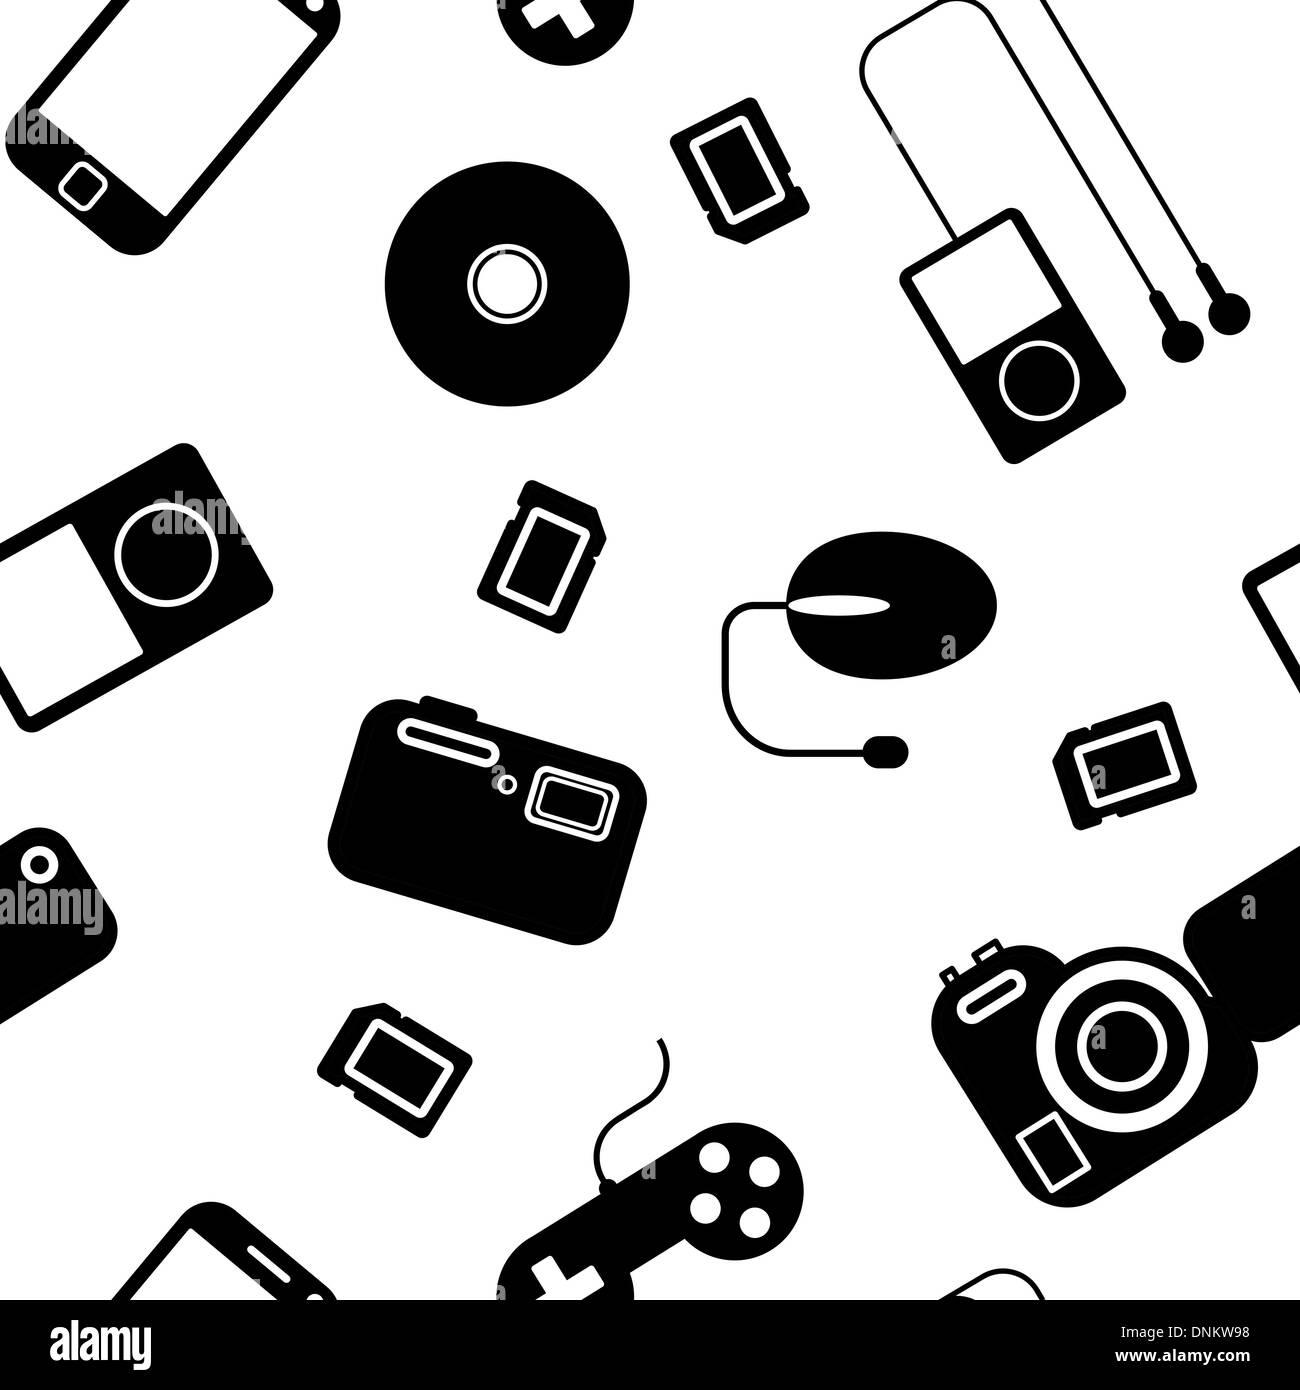 Seamless sfondo icona con gadget elettronici. Potrebbe essere utilizzata come carta da parati senza giunture, tessile, la carta di avvolgimento o lo sfondo Immagini Stock